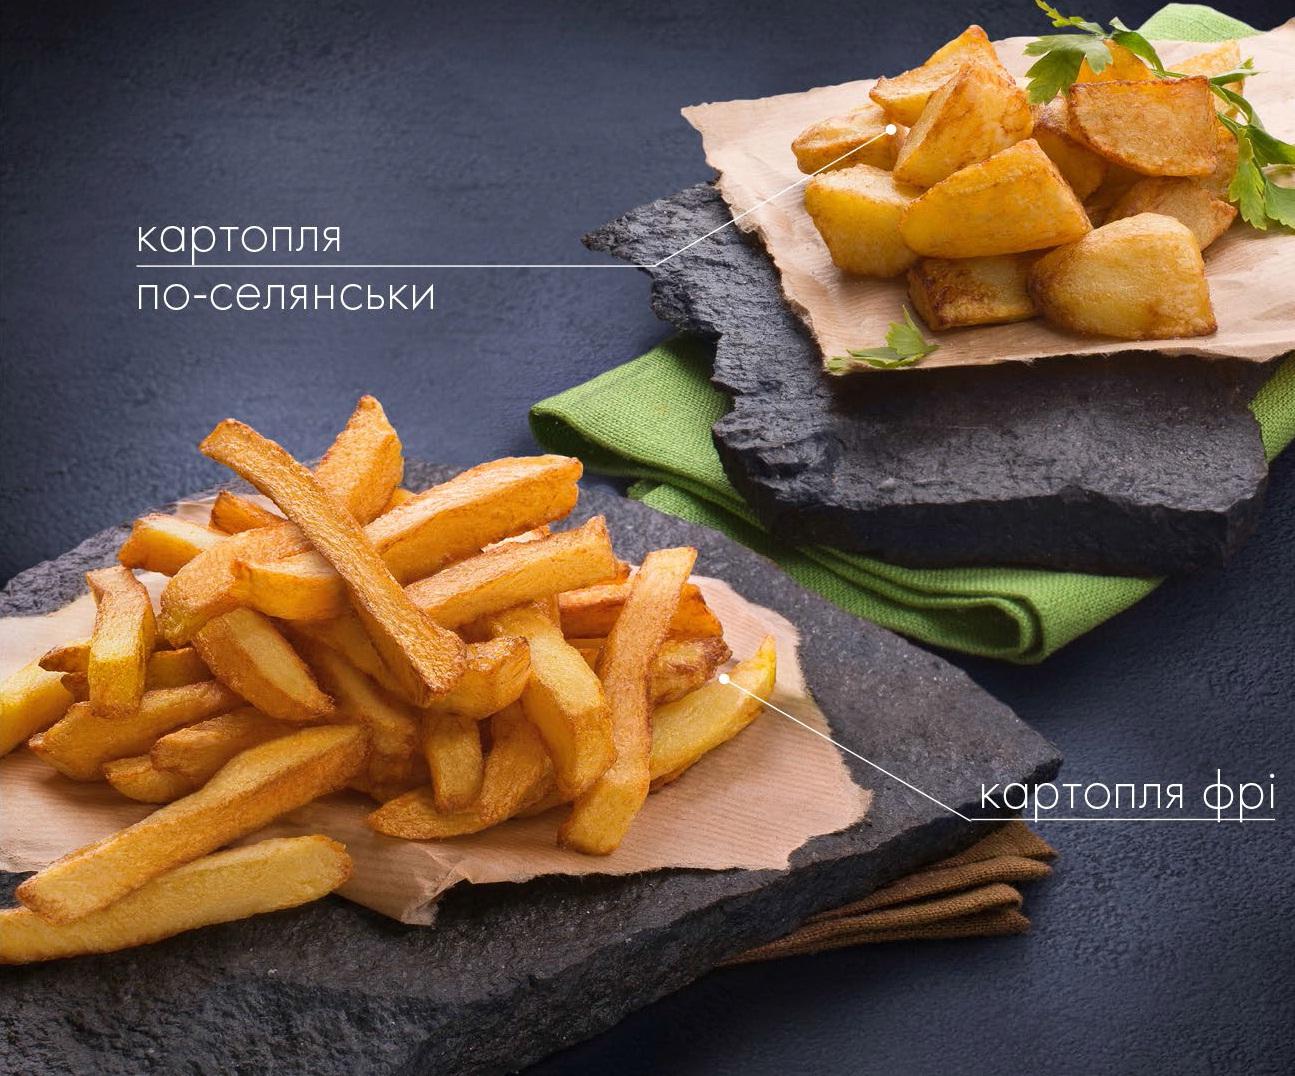 Бургер, куриные крылышки и картофель-фри «от мери-шефа»: вкусные инновации на «ОККО» 1